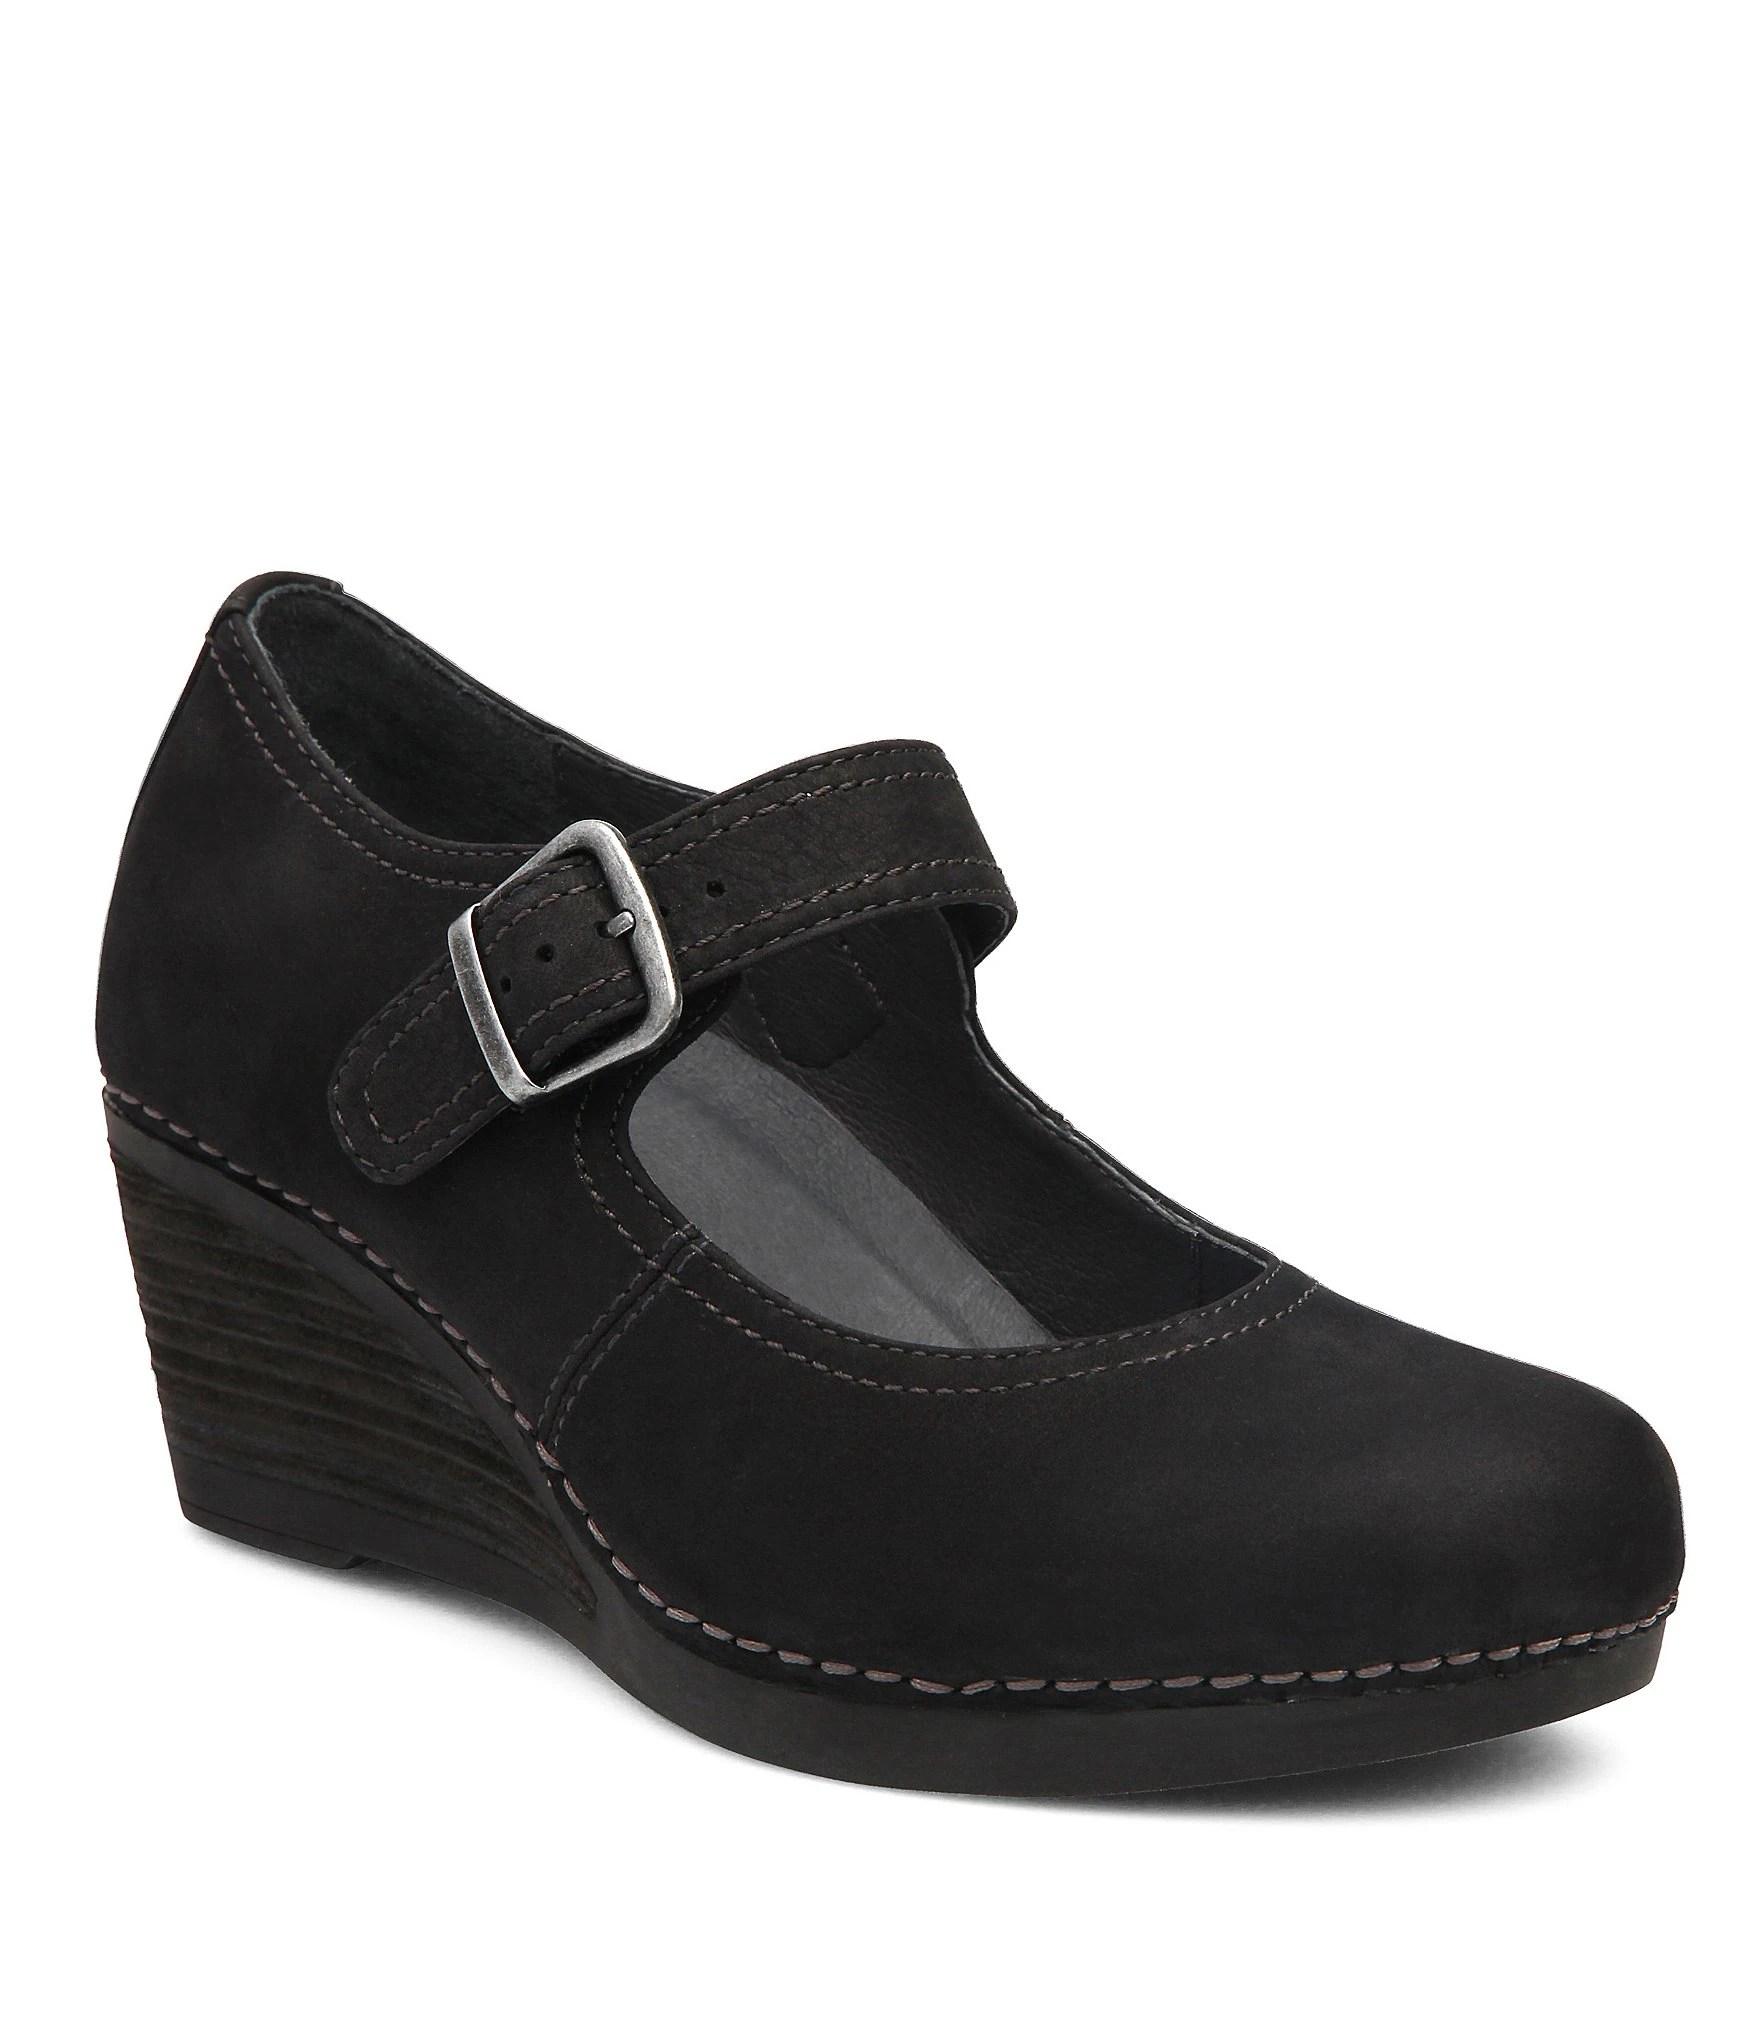 Dansko Shoes Dillards